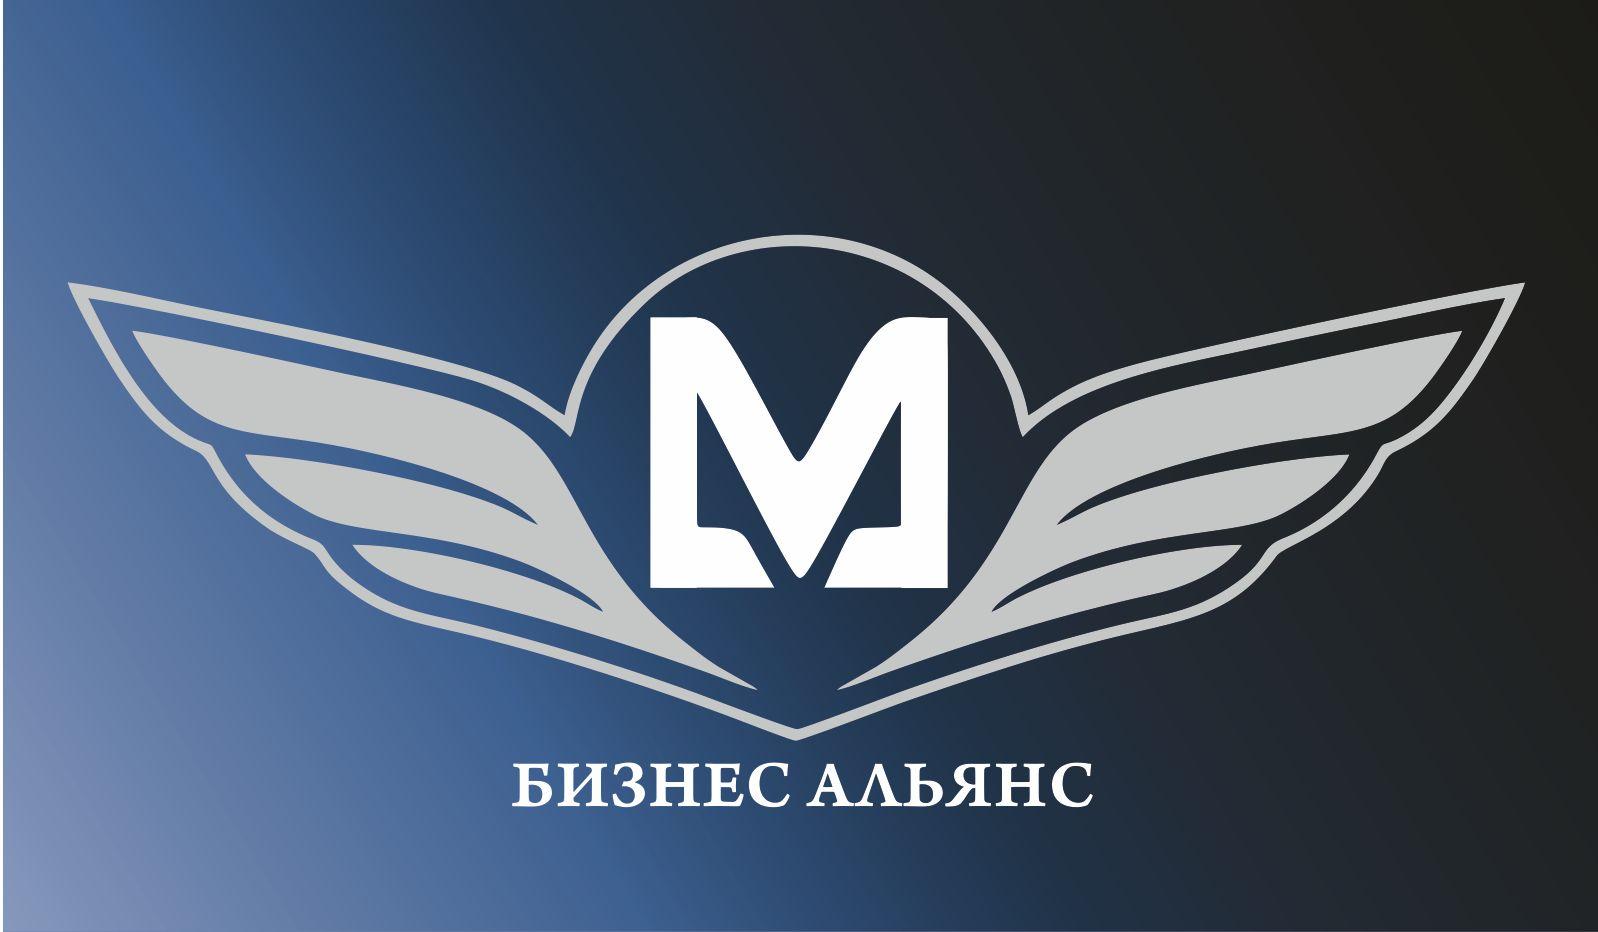 Бизнес Альянс Милленниум - дизайнер bakytbekov